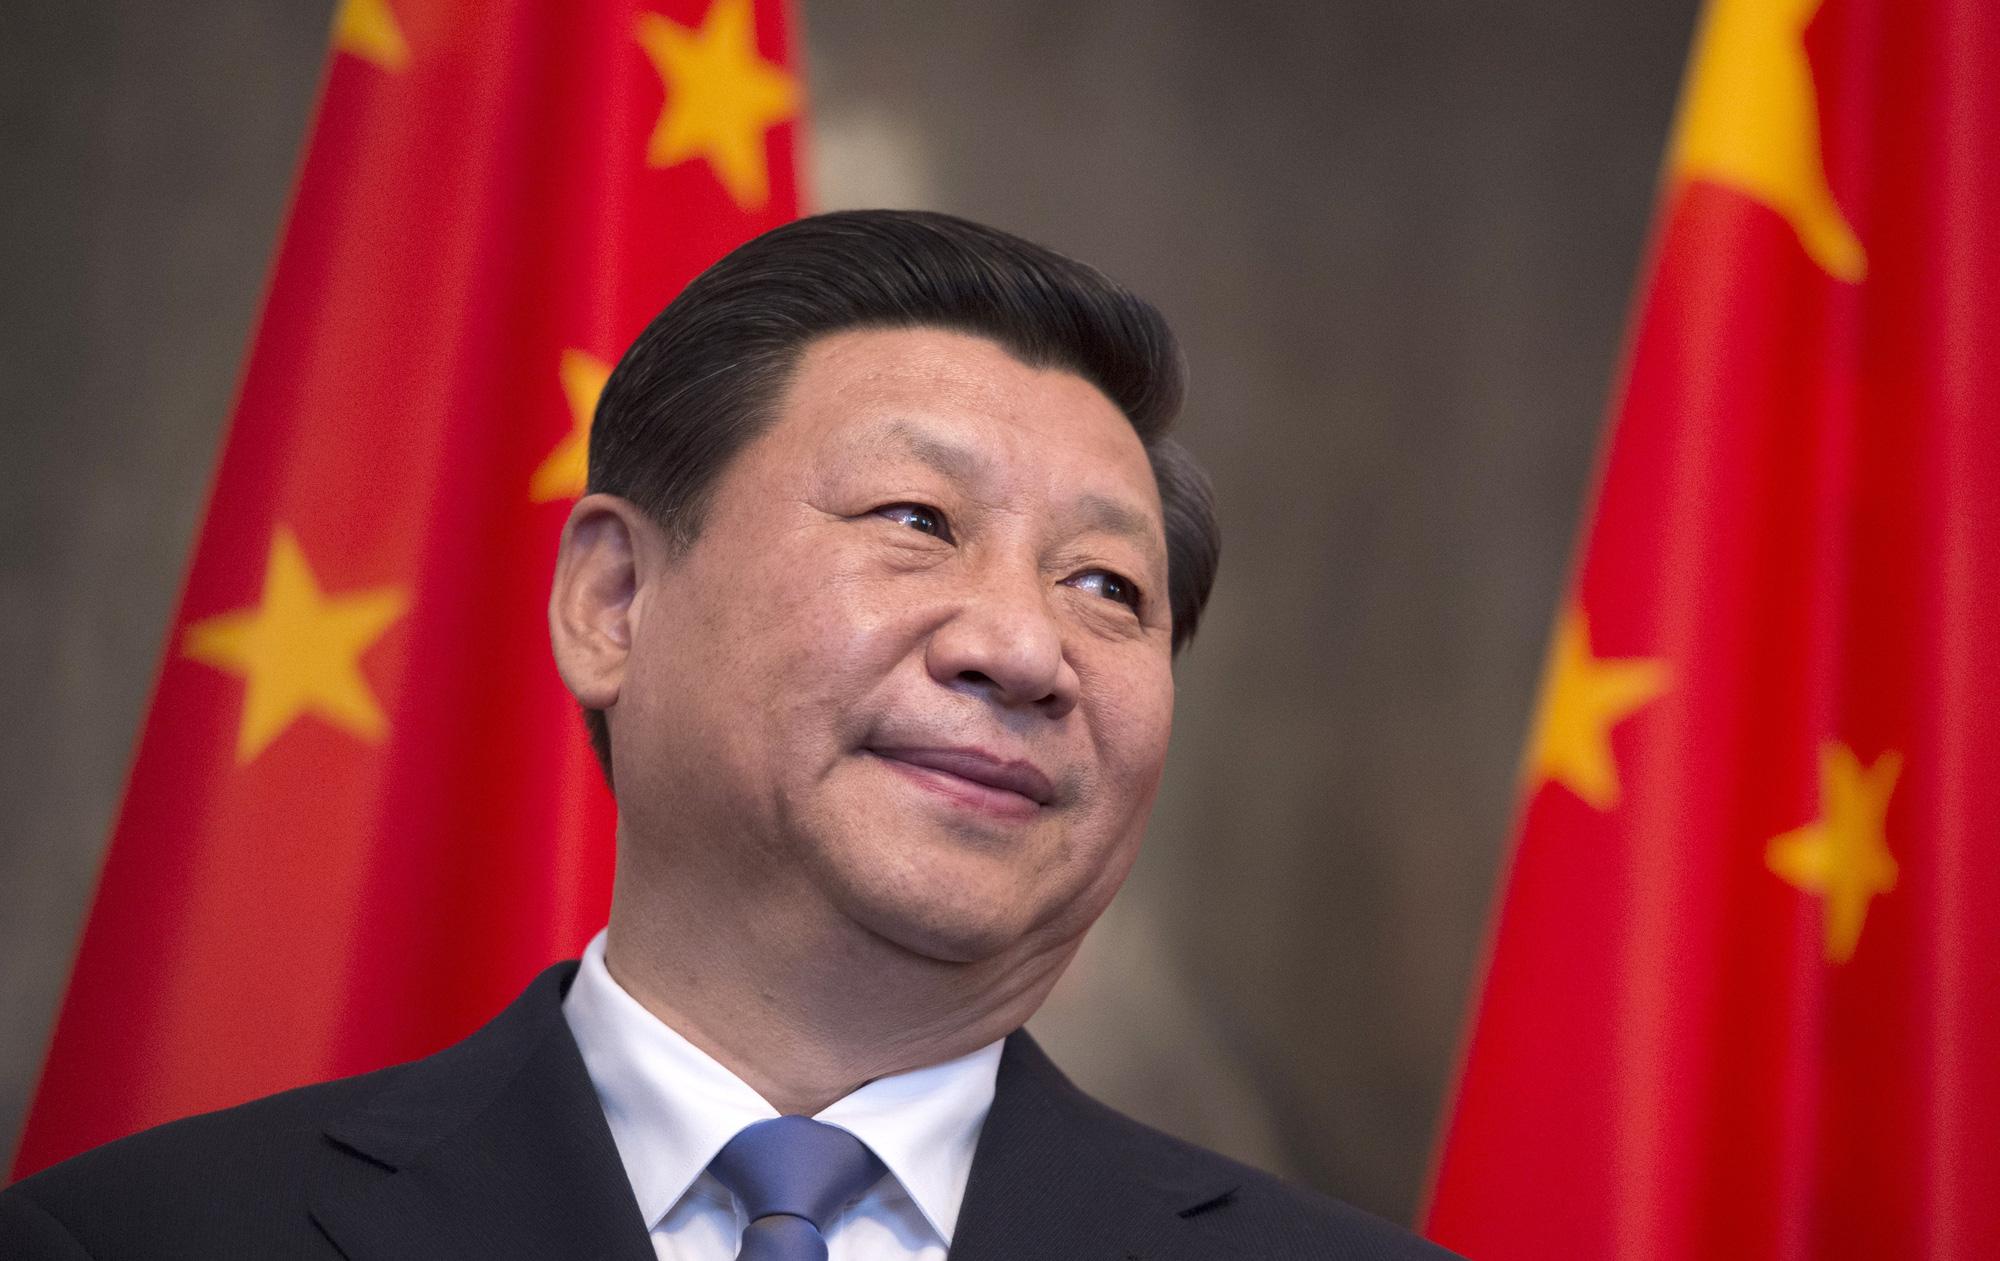 Ông Tập: Trung Quốc không theo đuổi mục tiêu bá quyền - Ảnh 1.